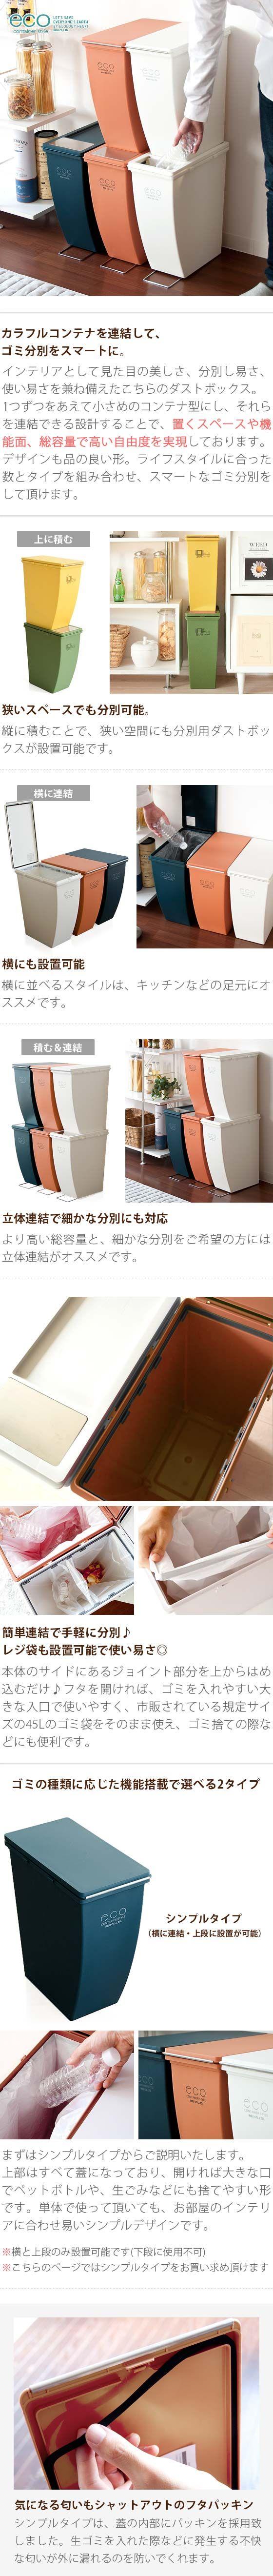 エア・リゾーム インテリア / 【タイムセール対象】 ゴミ箱 ダストボックス ECO container style〔エココンテナスタイル〕 シンプルタイプ オレンジ ブルー ホワイトグリーンイエロー 【送料あり】 詳細はこちら